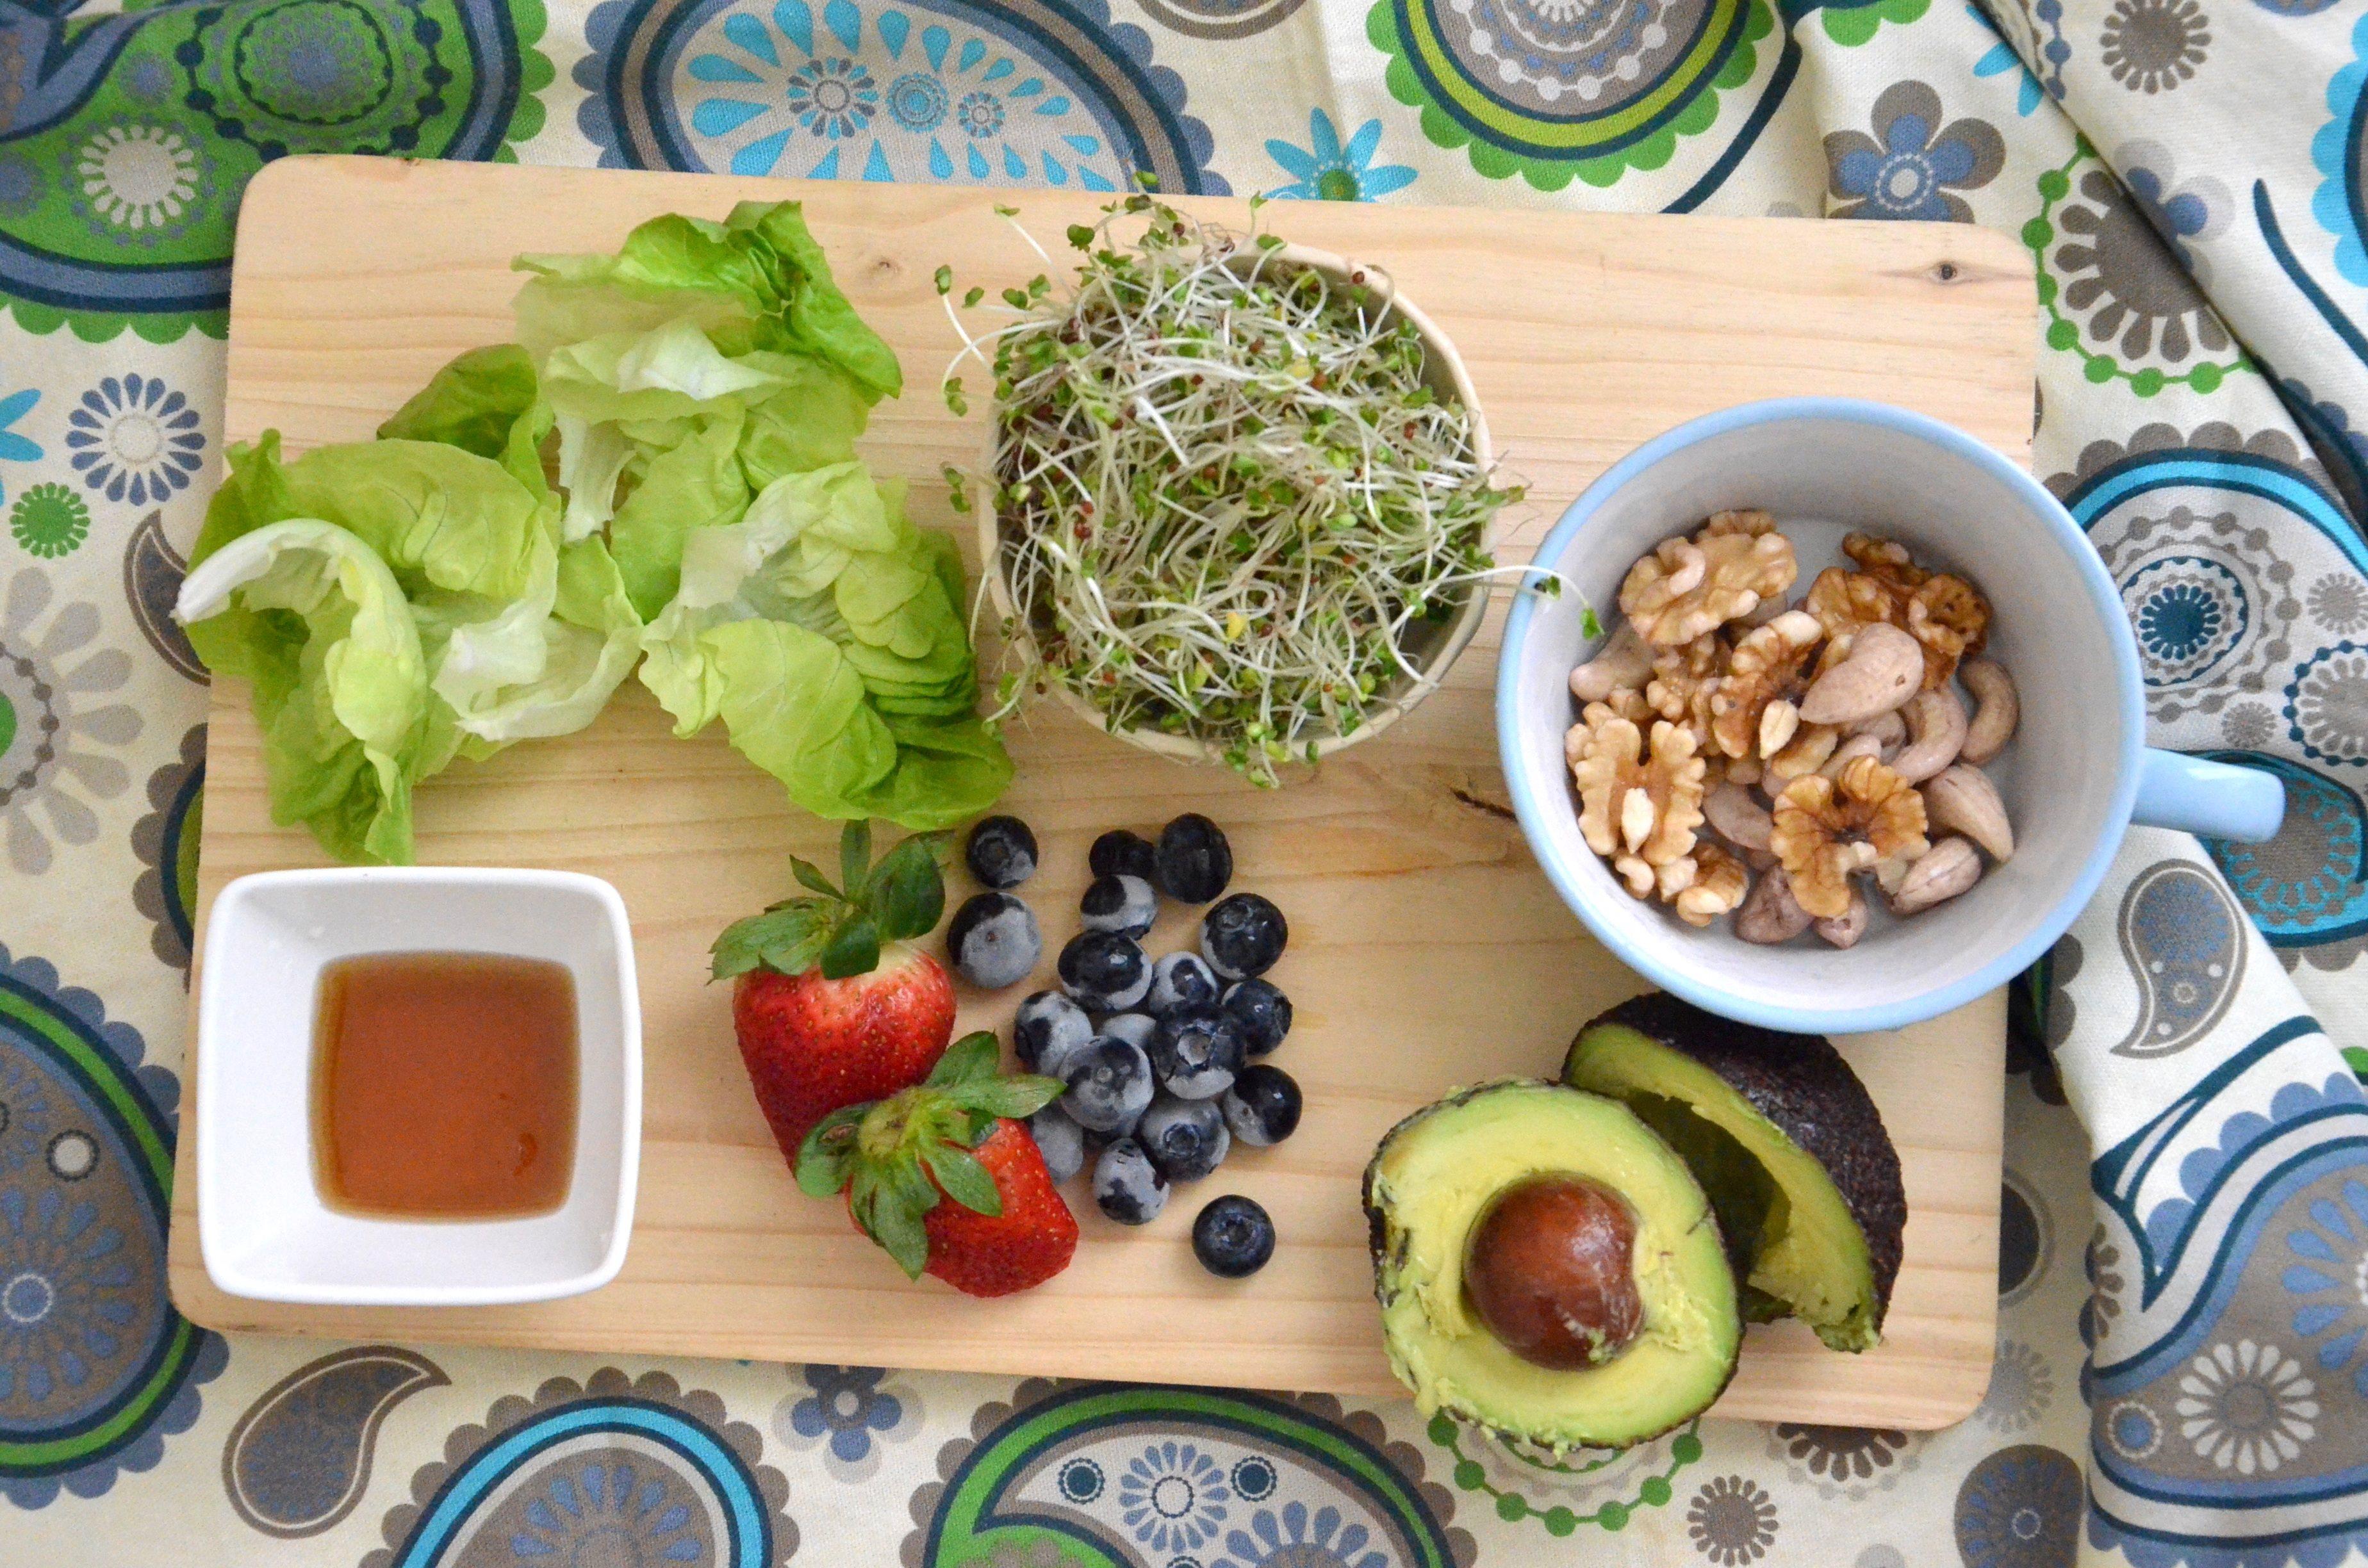 Jamie, Oliver, Jamie Oliver, Superfood, Superfood for hele familien, Børn i køkkenet, sund mad, lækker mad, nærende mad, slankende mad, Jamie Oliver bog, Jamie Oliver Superfood